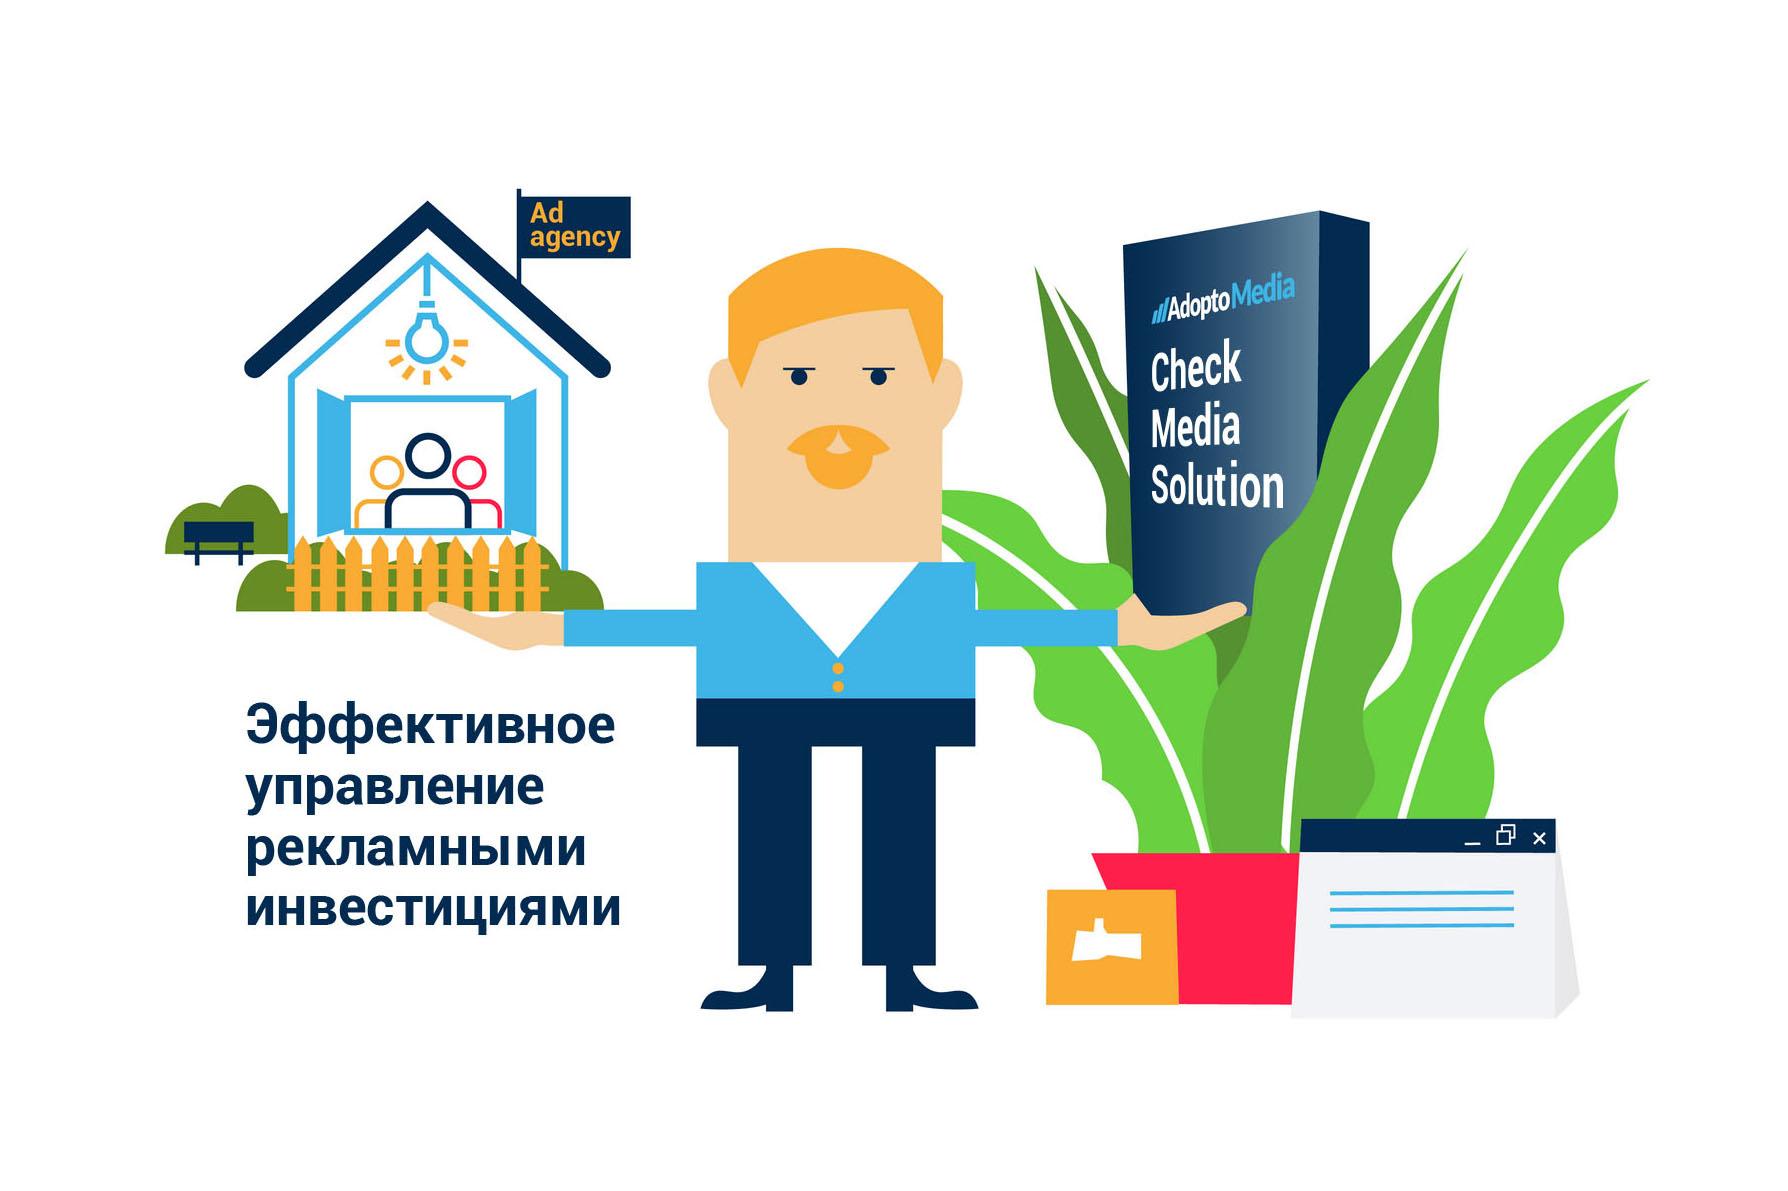 CheckMedia Solution, AdoptoMedia, проблемы медиапланирования, крупное рекламное агентство, автоматизация маркетинга